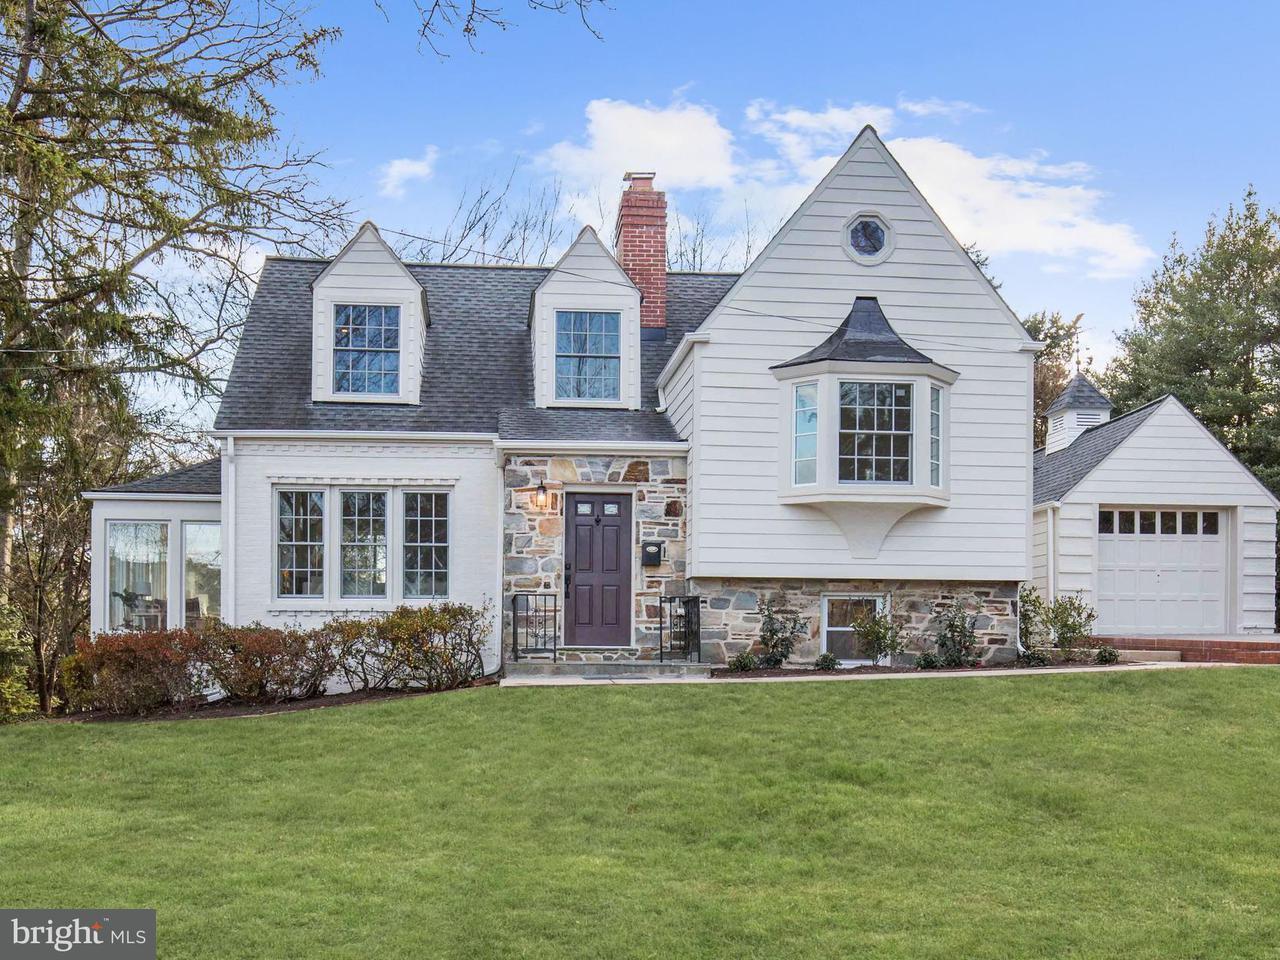 Частный односемейный дом для того Продажа на 4014 Glenridge Street 4014 Glenridge Street Kensington, Мэриленд 20895 Соединенные Штаты